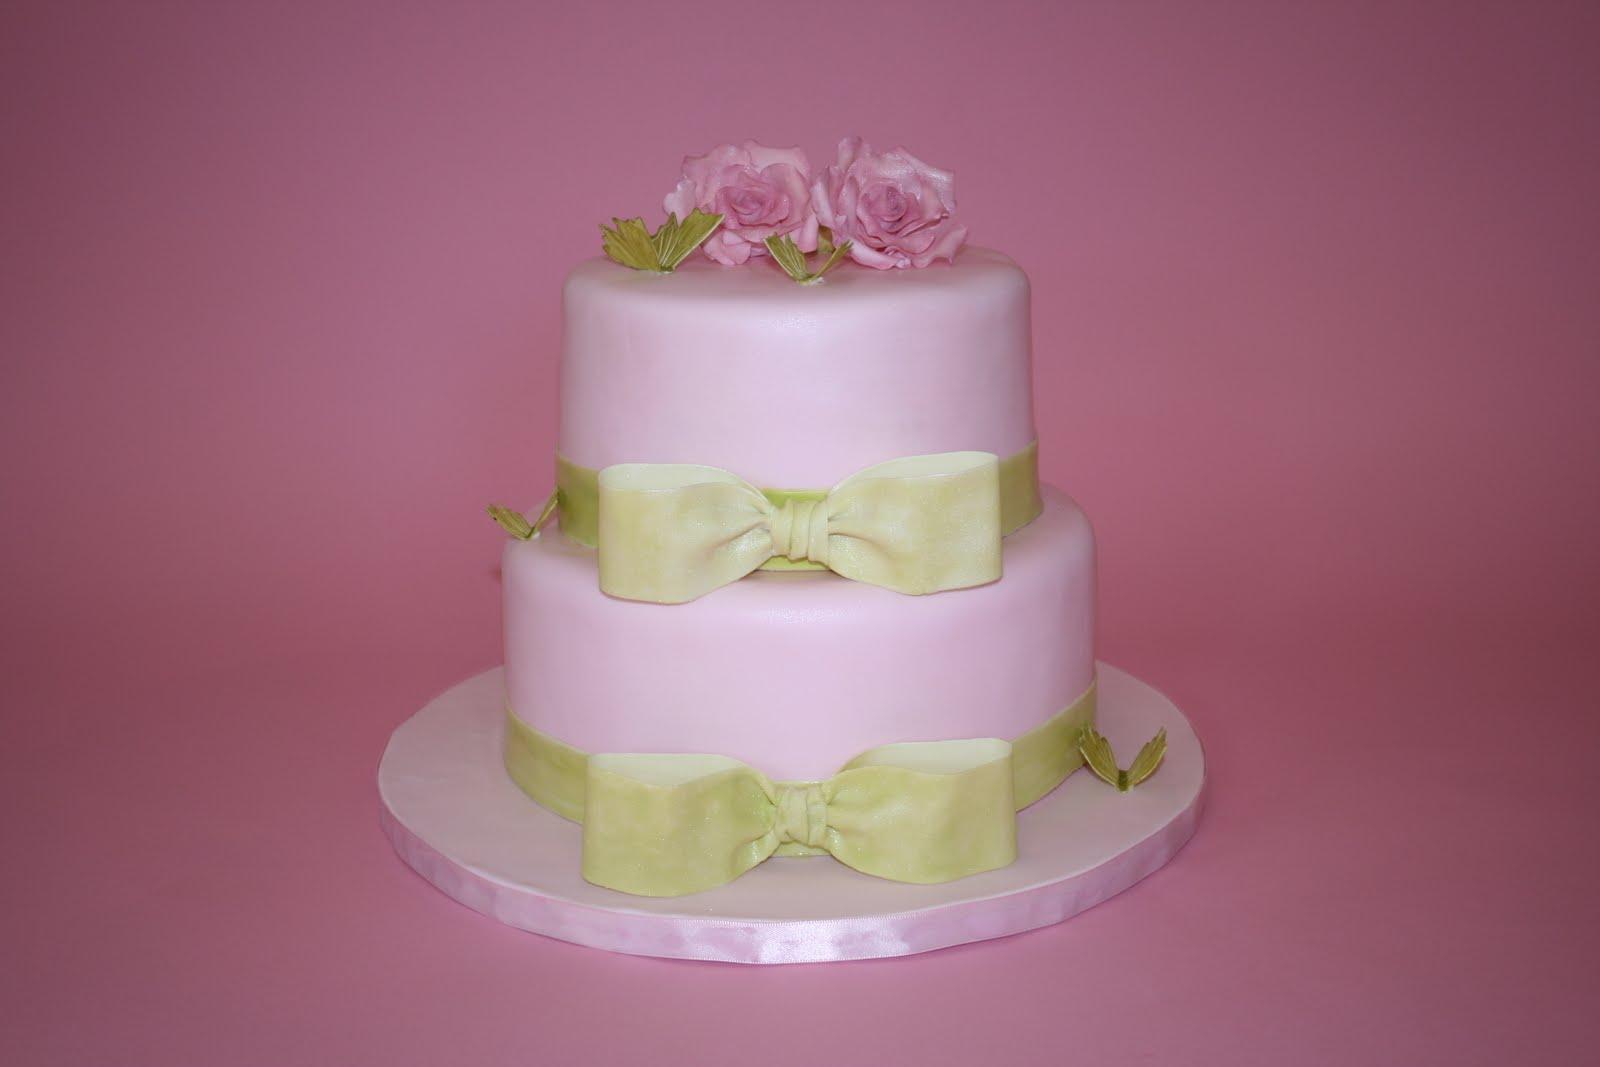 Bridal Shower Cakes Designs - Tyler Living